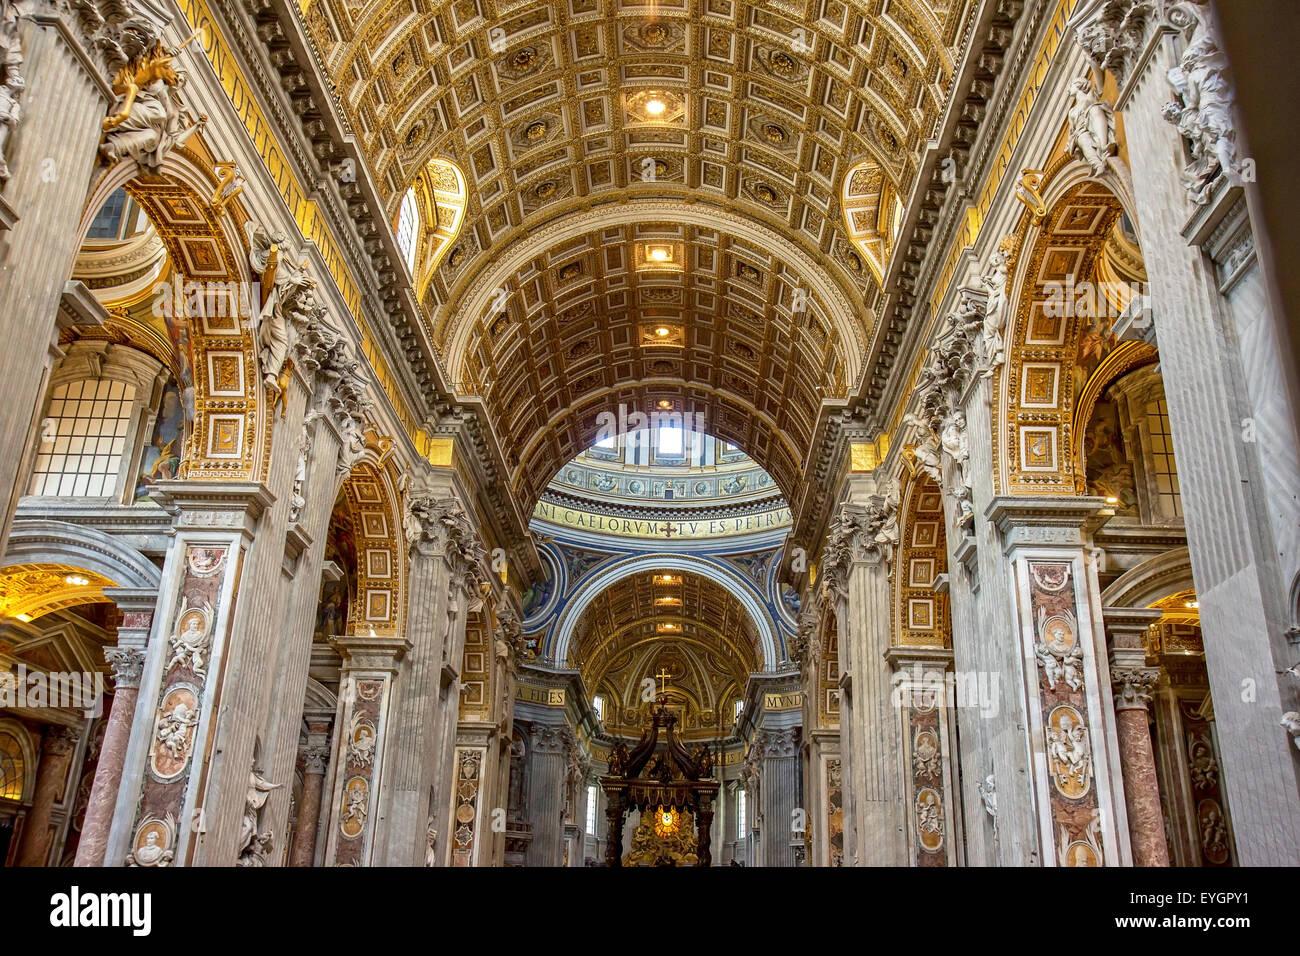 Indoor St. Peter's Basilica - Stock Image